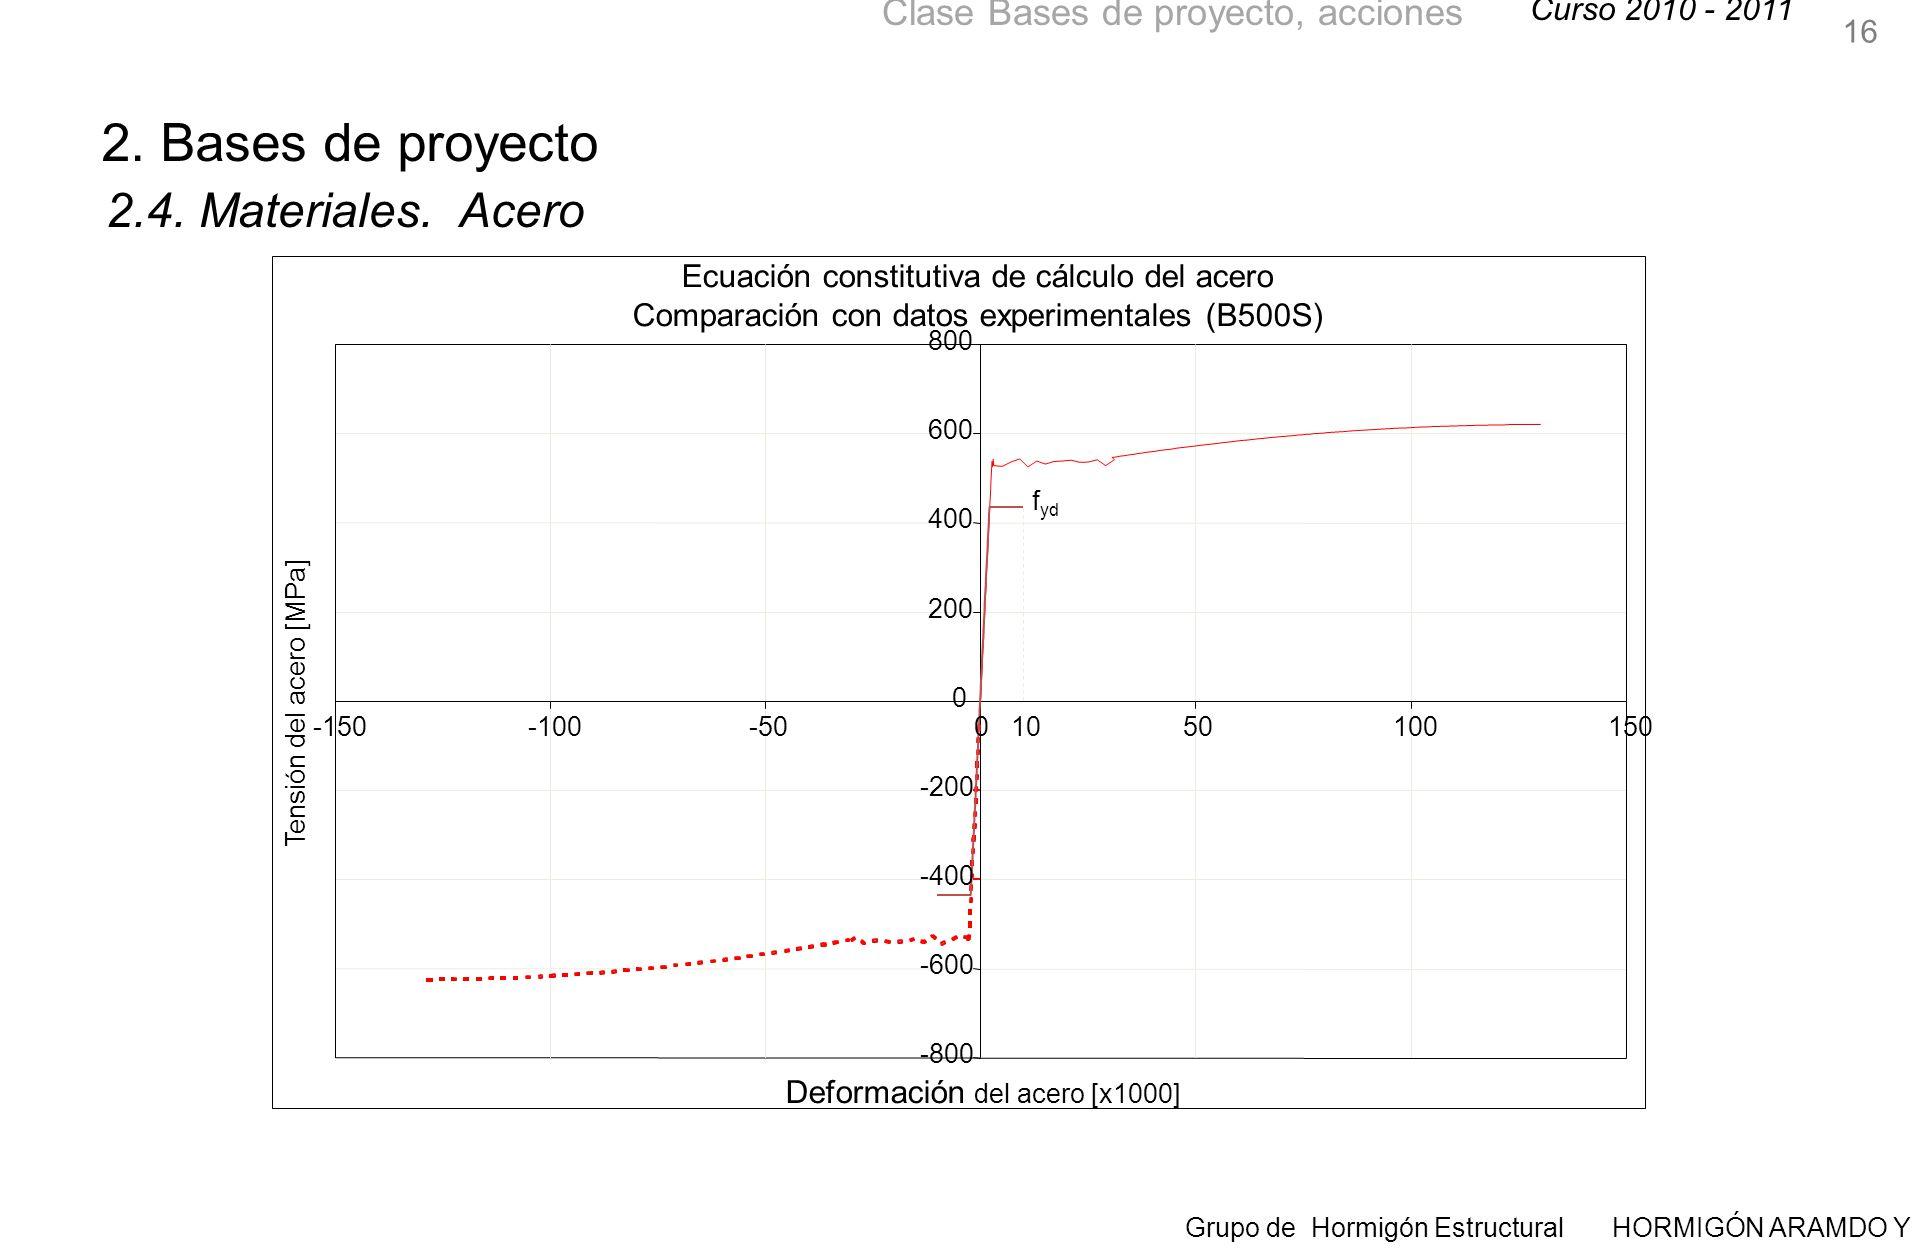 Curso 2010 - 2011 Grupo de Hormigón Estructural HORMIGÓN ARAMDO Y PRETENSADO II Clase Bases de proyecto, acciones 16 2.4.